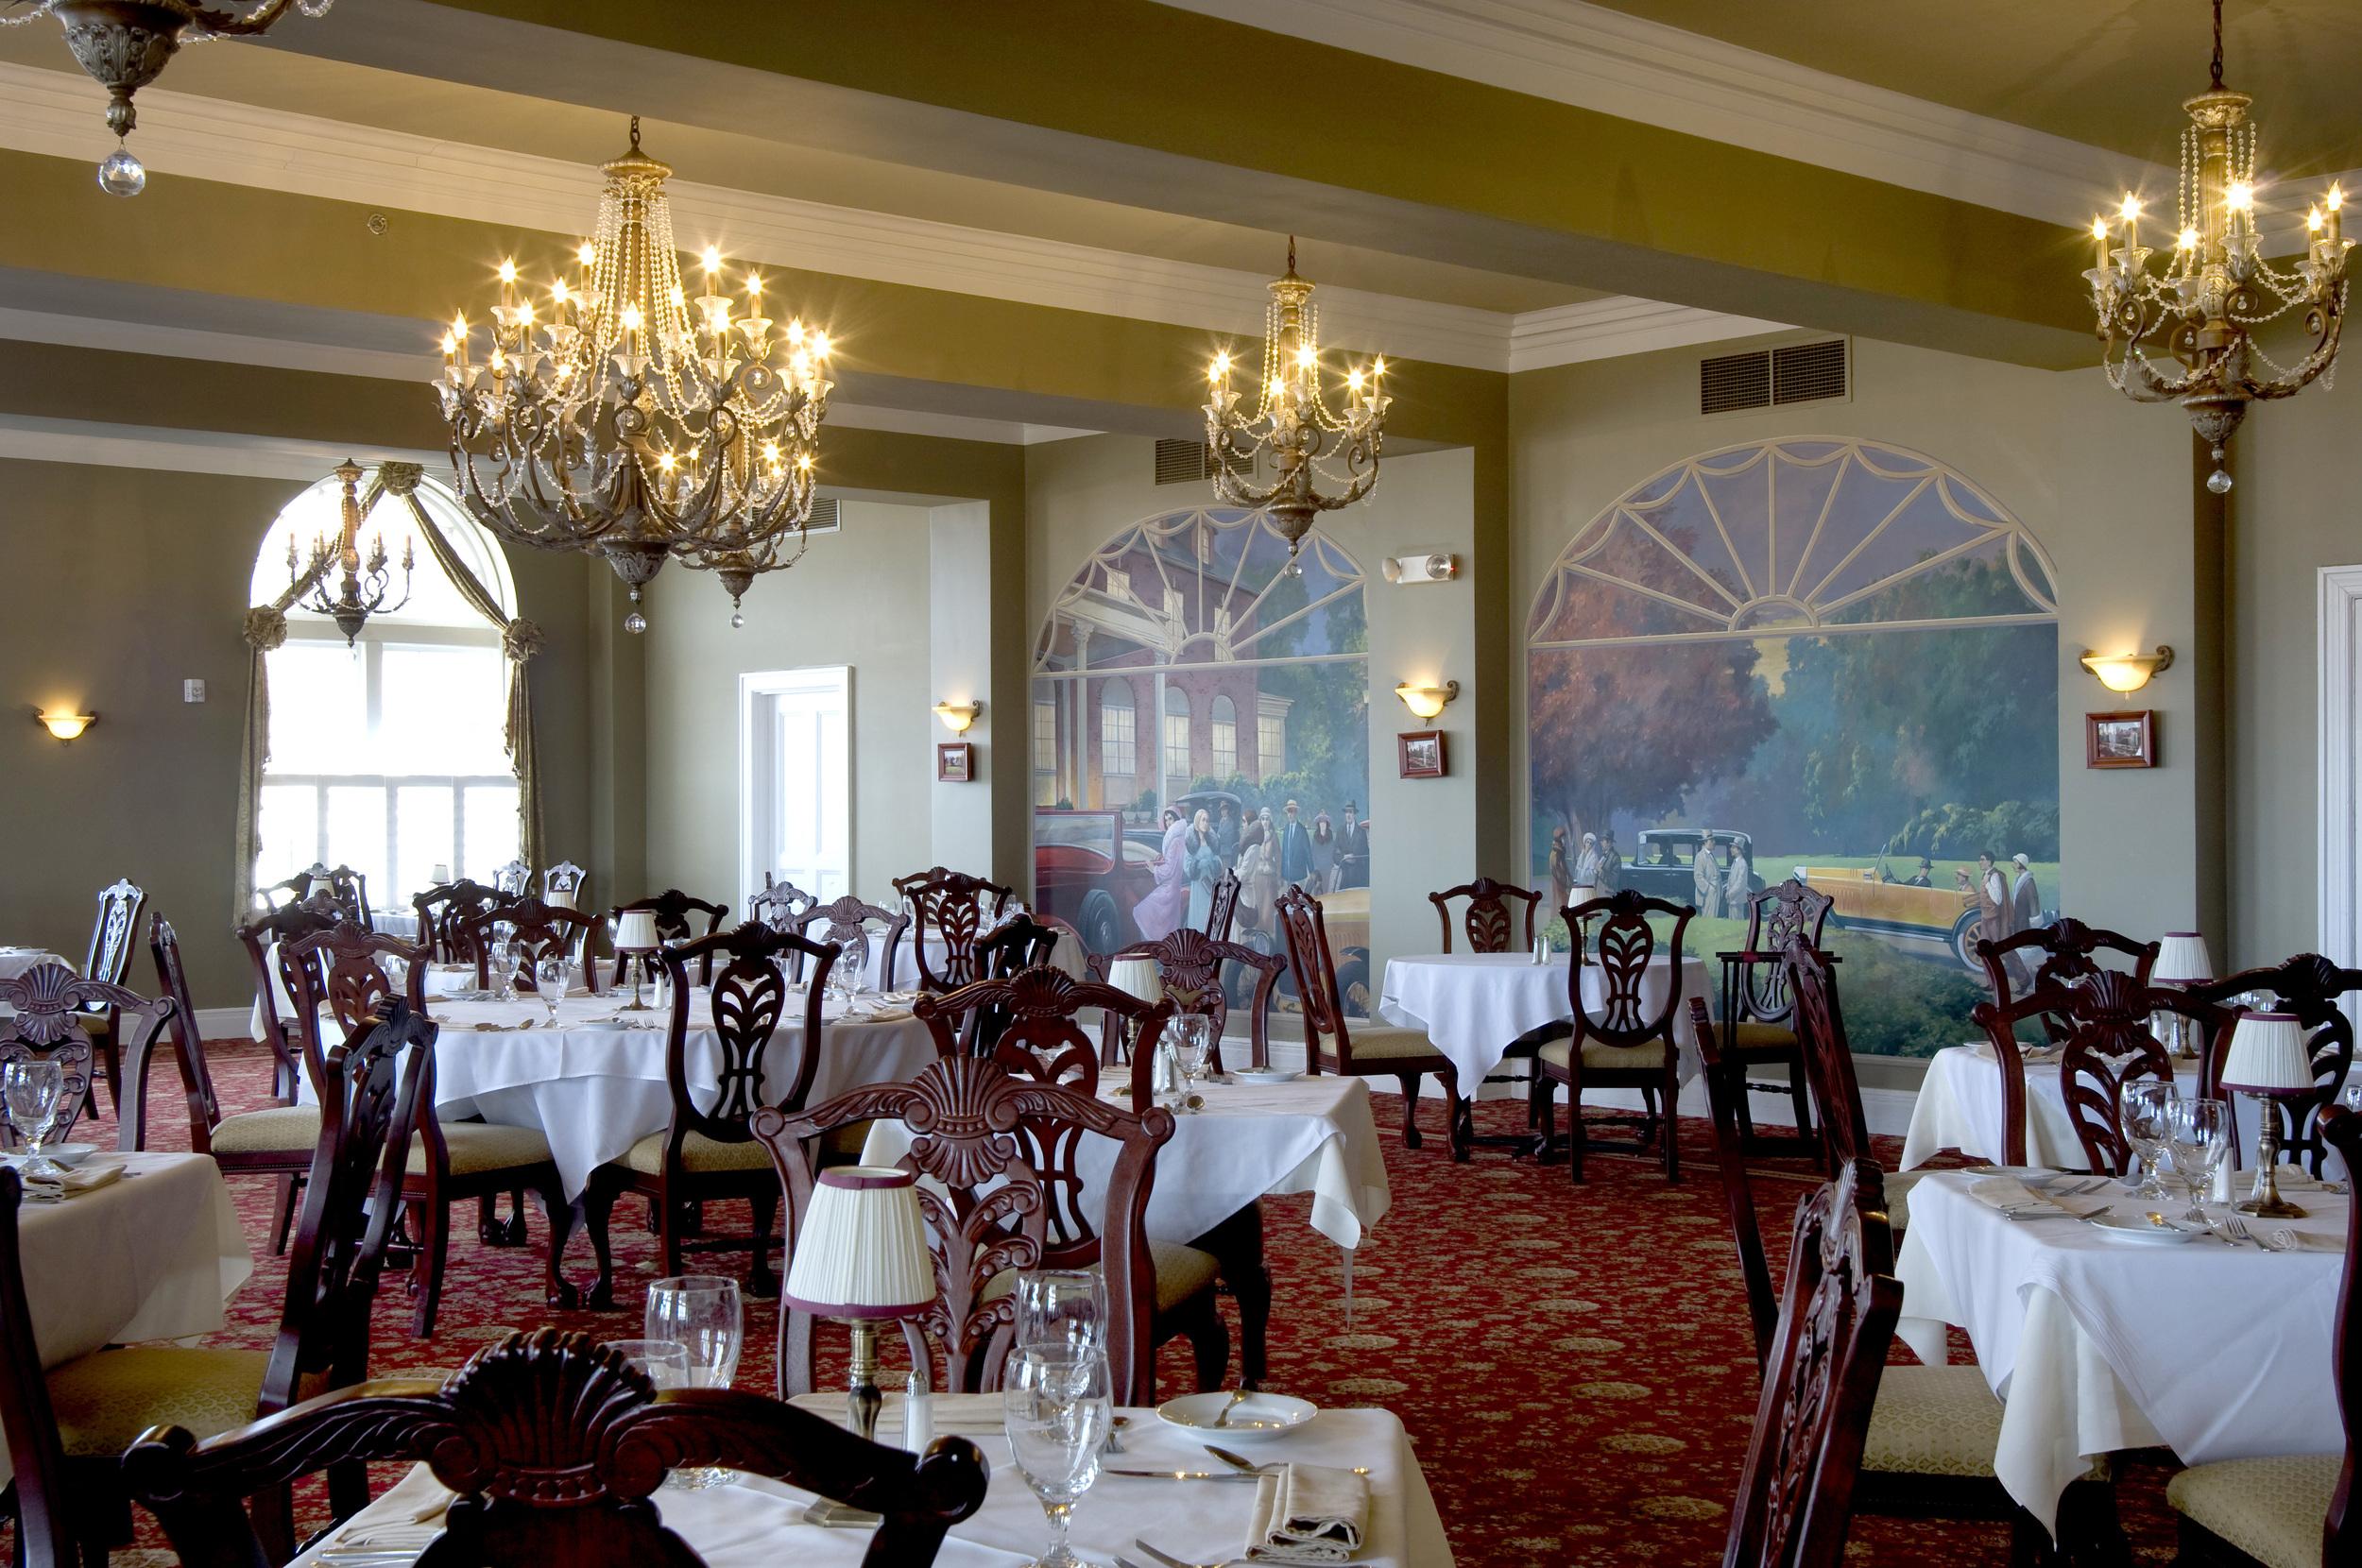 The Mimslyn Inn Interior